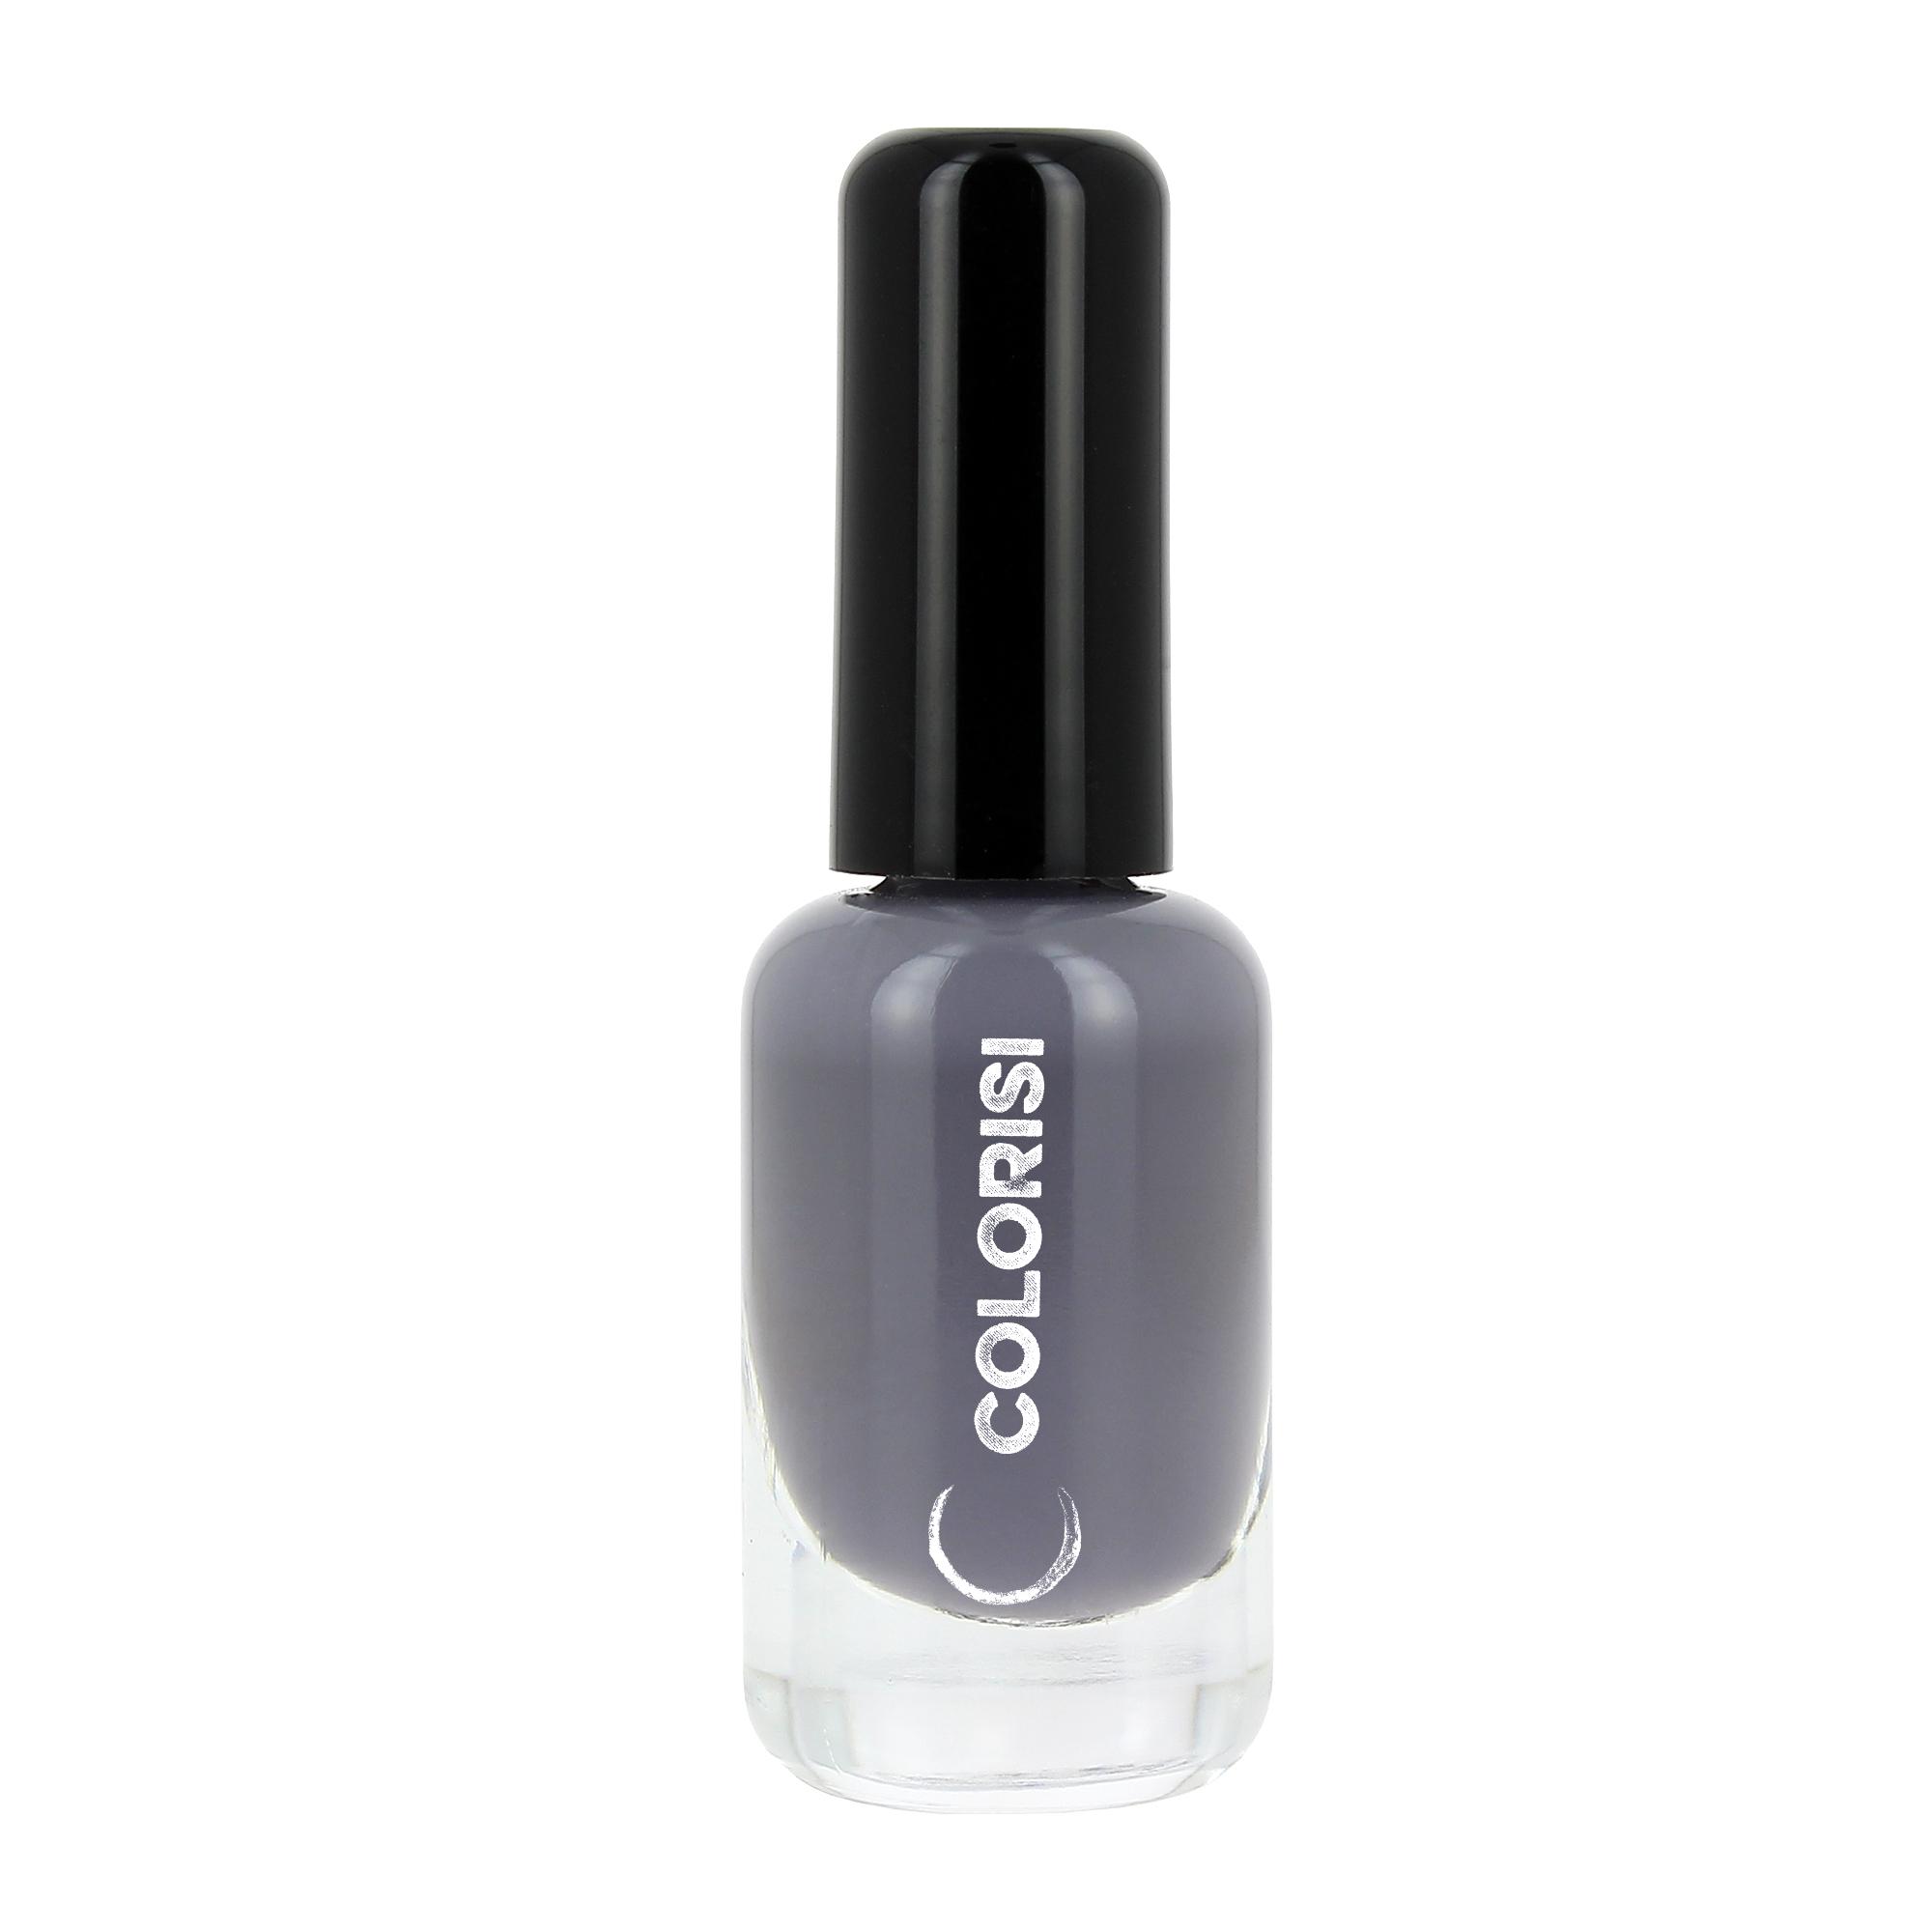 Colorisi-Vernis-vegan-naturel-gris-Ocean-22